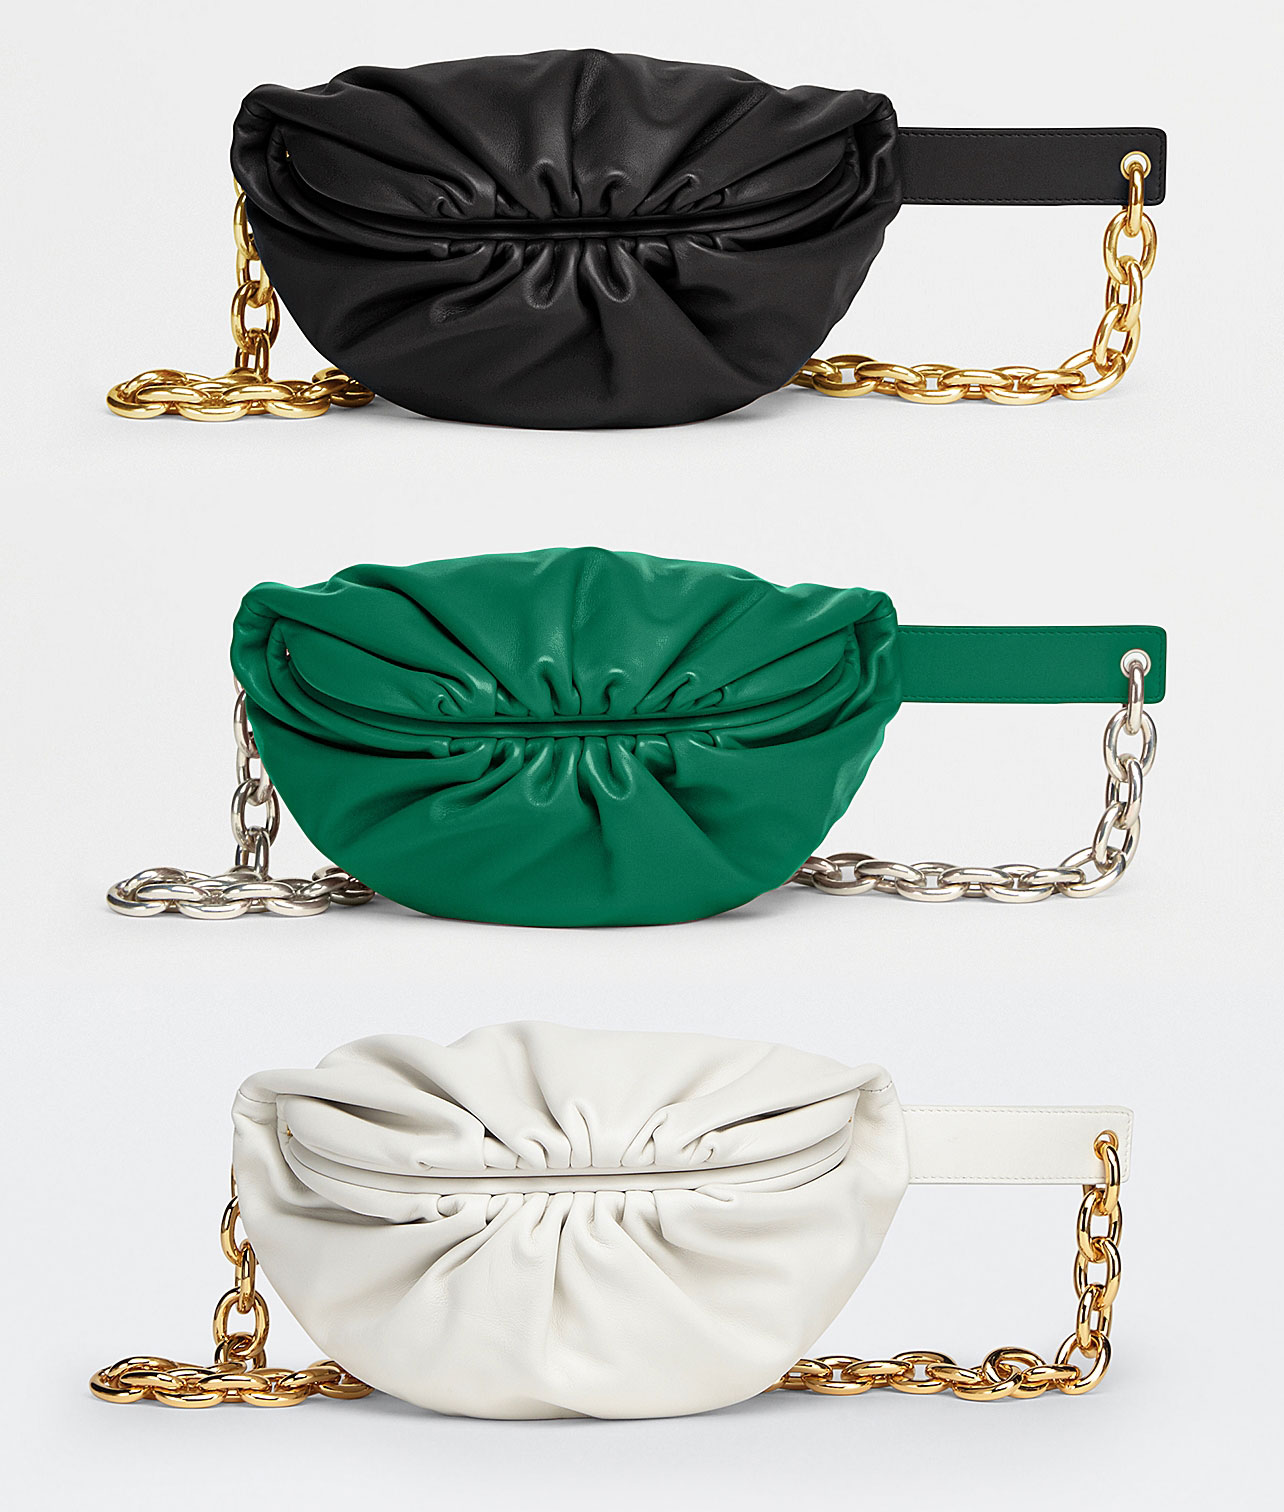 The Belt Chain Pouch, biến tấu mới của The Pouch từ Bottega Veneta 3